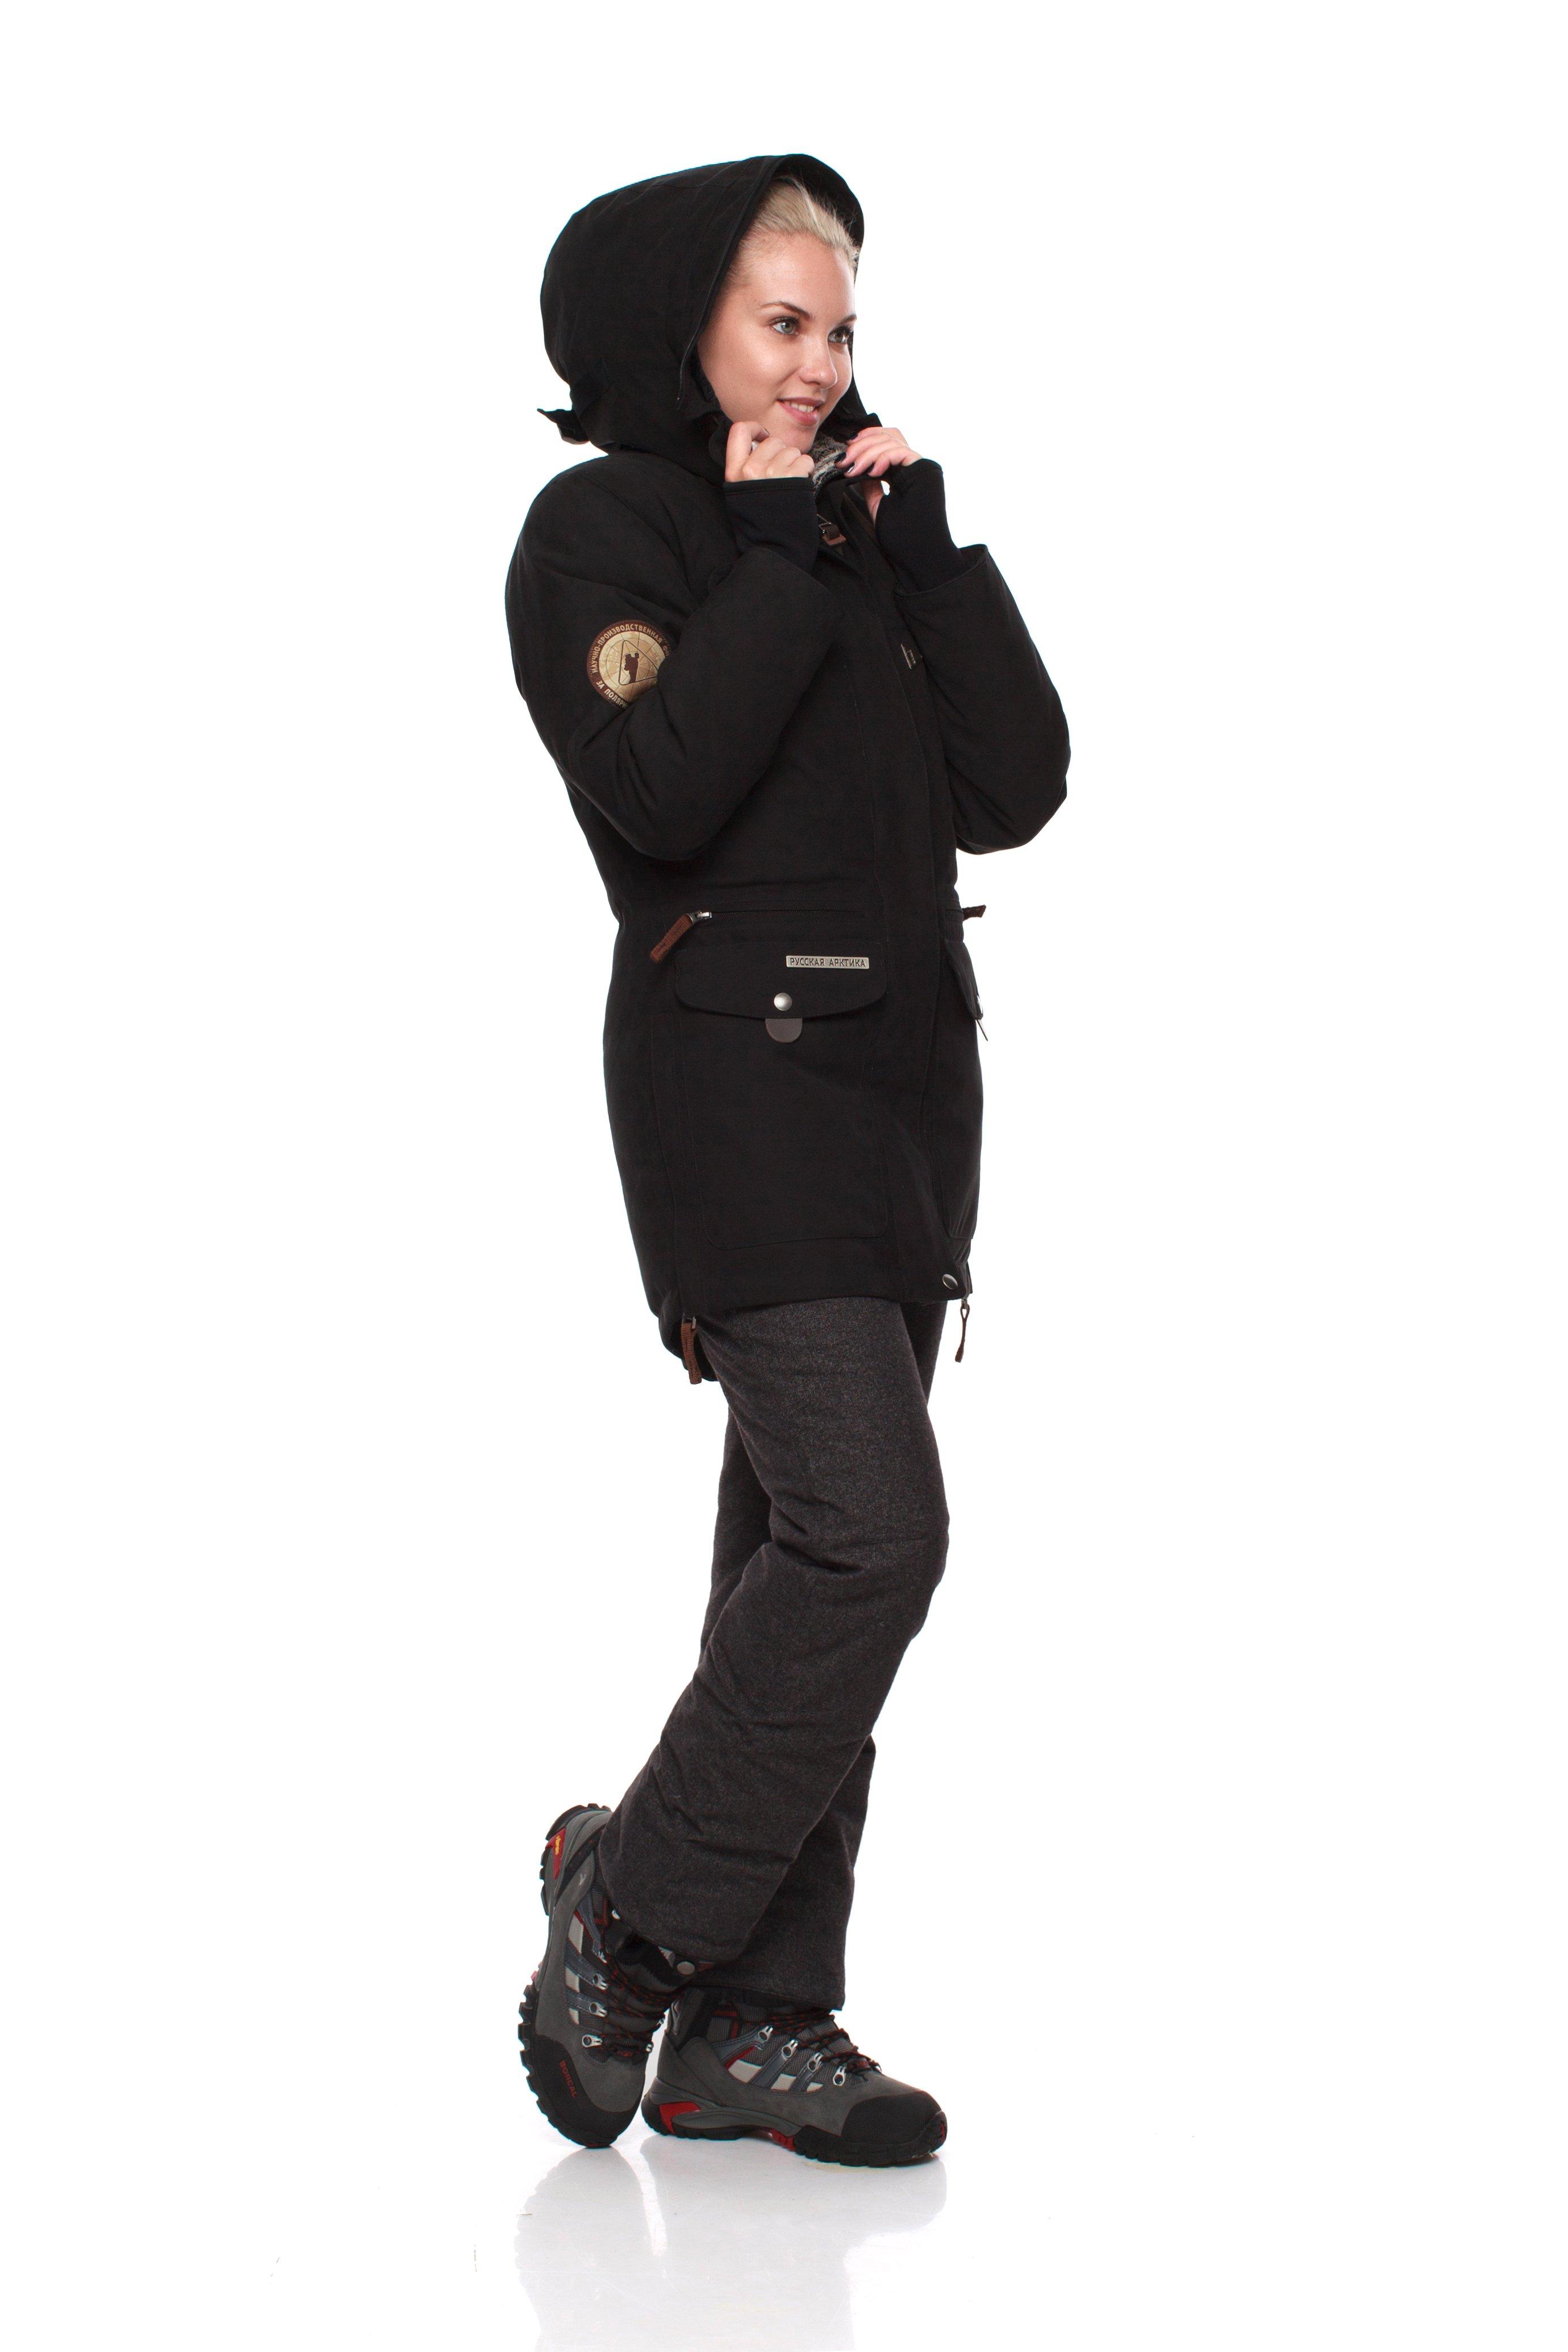 Куртка BASK SHL ONEGA LADY 1474Куртки<br><br><br>&quot;Дышащие&quot; свойства: Да<br>Верхняя ткань: Advance® Alaska<br>Вес граммы: 890<br>Вес утеплителя: 300<br>Ветро-влагозащитные свойства верхней ткани: Да<br>Ветрозащитная планка: Да<br>Ветрозащитная юбка: Да<br>Влагозащитные молнии: Нет<br>Внутренние манжеты: Да<br>Внутренняя ткань: Advance® Classic<br>Водонепроницаемость: 5000<br>Дублирующий центральную молнию клапан: Да<br>Защитный козырёк капюшона: Нет<br>Капюшон: Несъемный<br>Карман для средств связи: Нет<br>Количество внешних карманов: 8<br>Количество внутренних карманов: 2<br>Мембрана: Да<br>Объемный крой локтевой зоны: Да<br>Отстёгивающиеся рукава: Нет<br>Паропроницаемость: 5000<br>Проклейка швов: Нет<br>Регулировка манжетов рукавов: Да<br>Регулировка низа: Нет<br>Регулировка объёма капюшона: Да<br>Регулировка талии: Да<br>Регулируемые вентиляционные отверстия: Нет<br>Световозвращающая лента: Нет<br>Температурный режим: -35<br>Технология Thermal Welding: Нет<br>Технология швов: Простые<br>Тип молнии: Двухзамковая<br>Тип утеплителя: Синтетический<br>Ткань усиления: Нет<br>Усиление контактных зон: Нет<br>Утеплитель: Shelter®Sport<br>Размер RU: 42<br>Цвет: ХАКИ